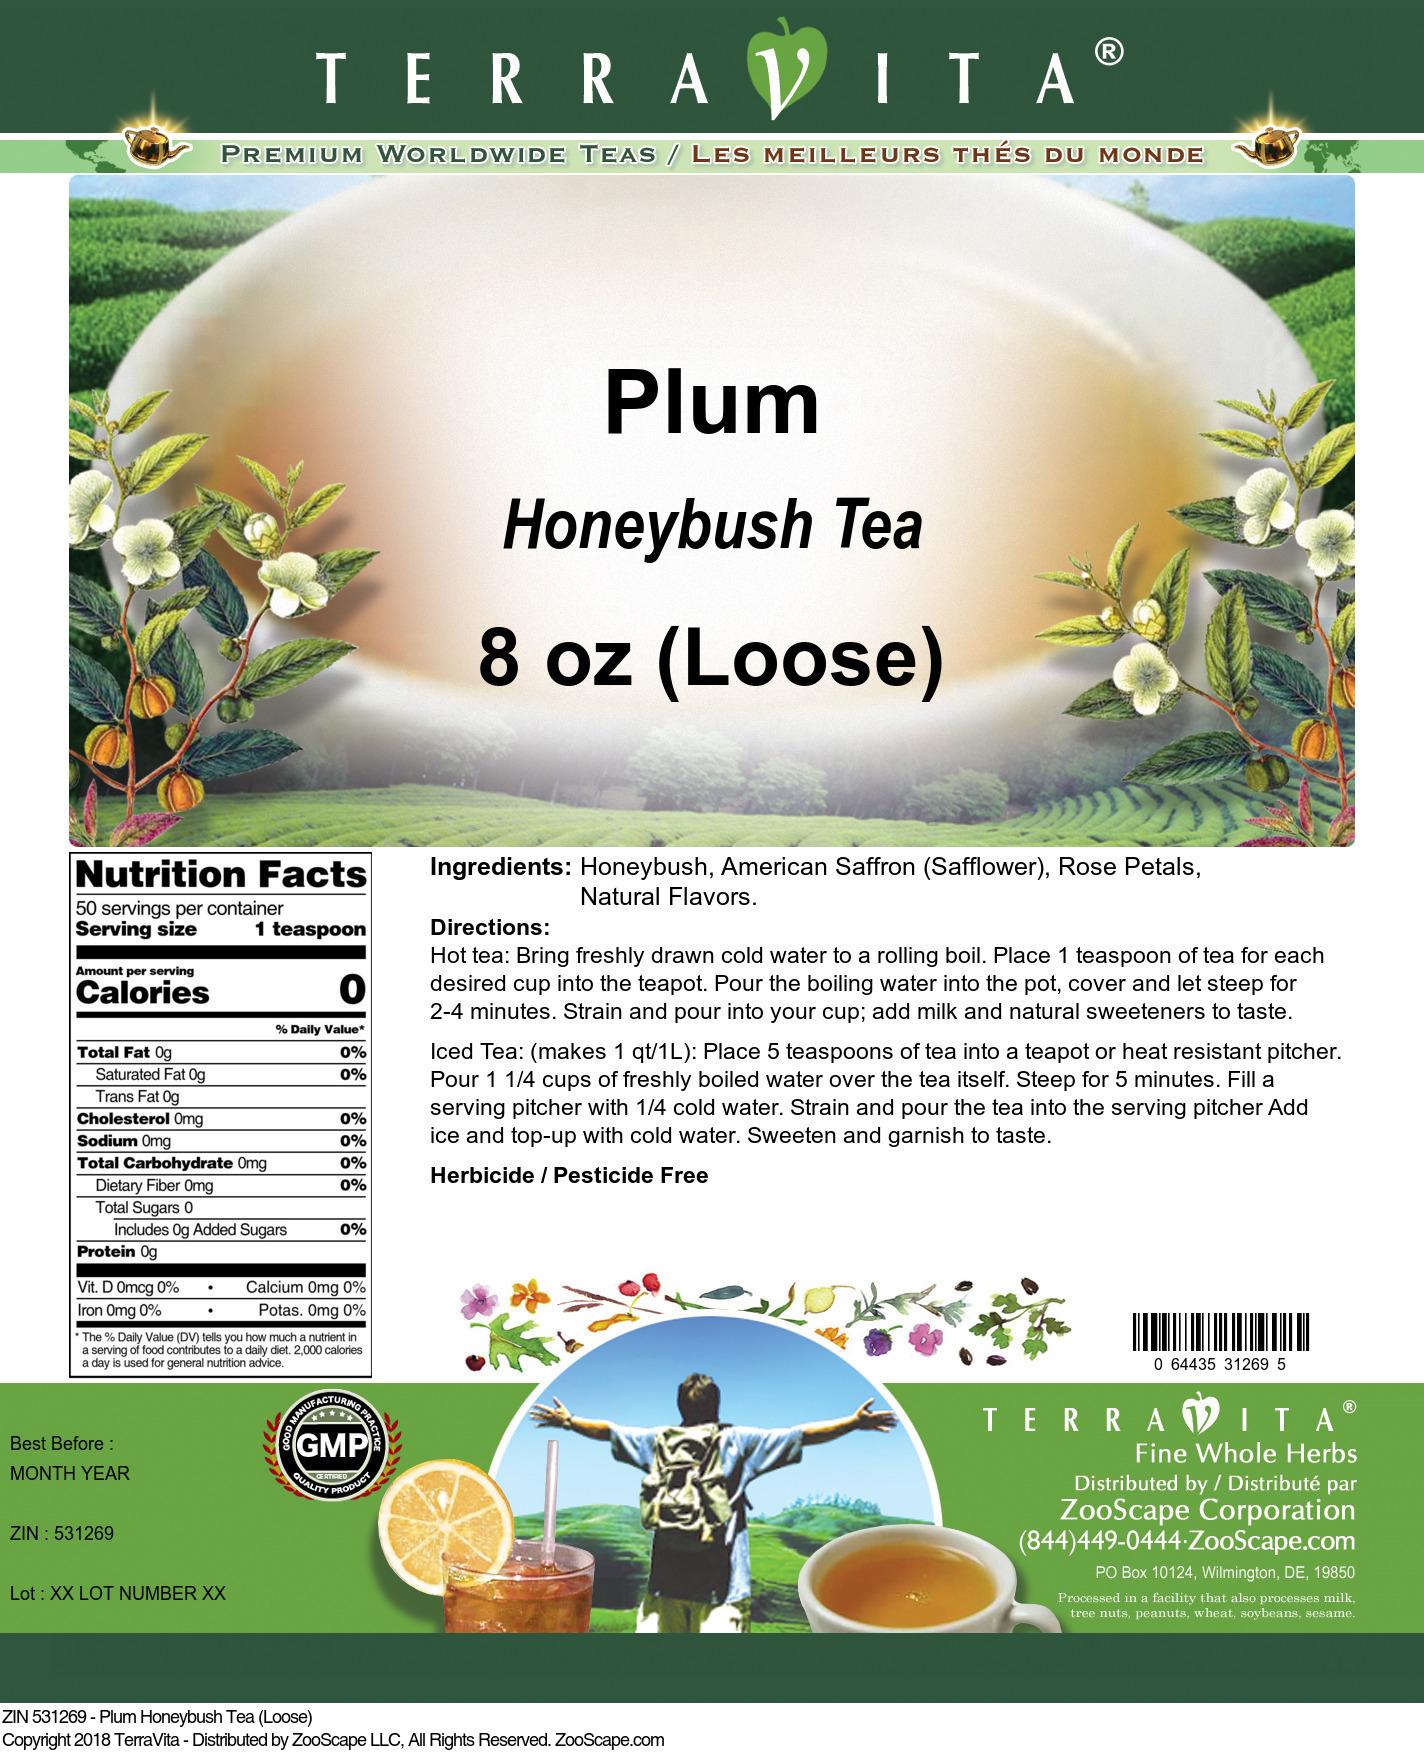 Plum Honeybush Tea (Loose)